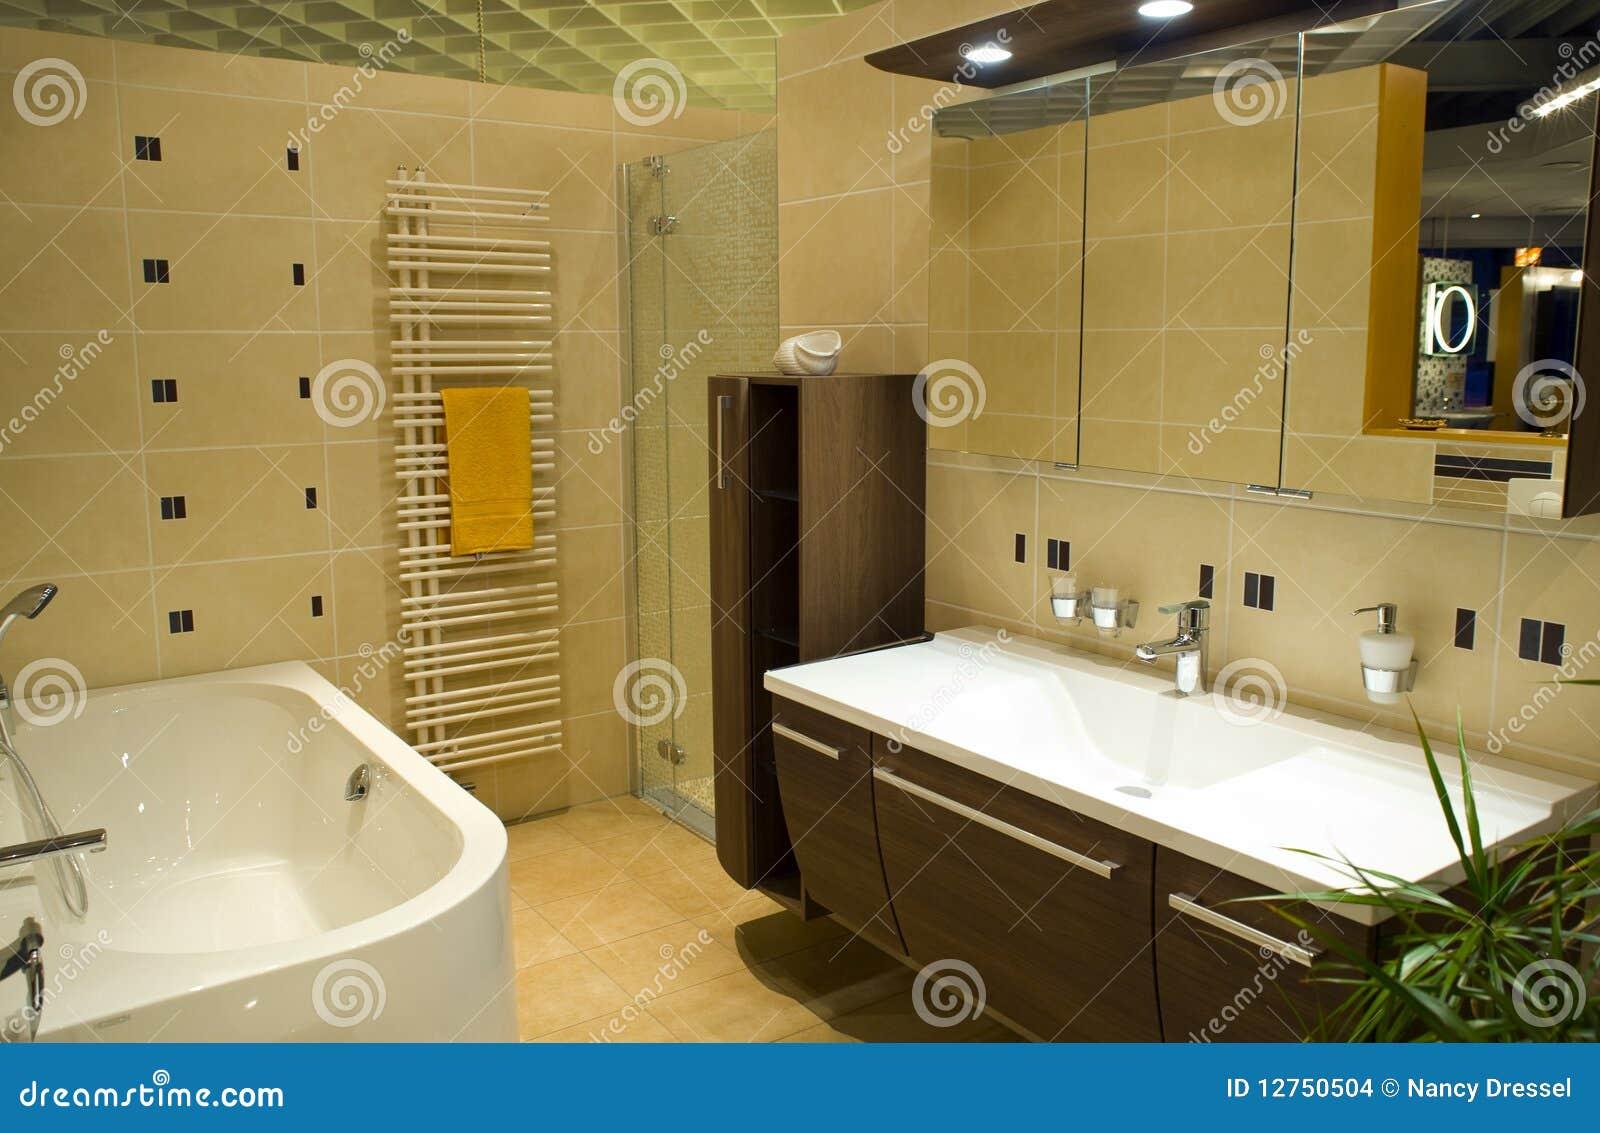 salle de bains moderne images stock image 12750504. Black Bedroom Furniture Sets. Home Design Ideas